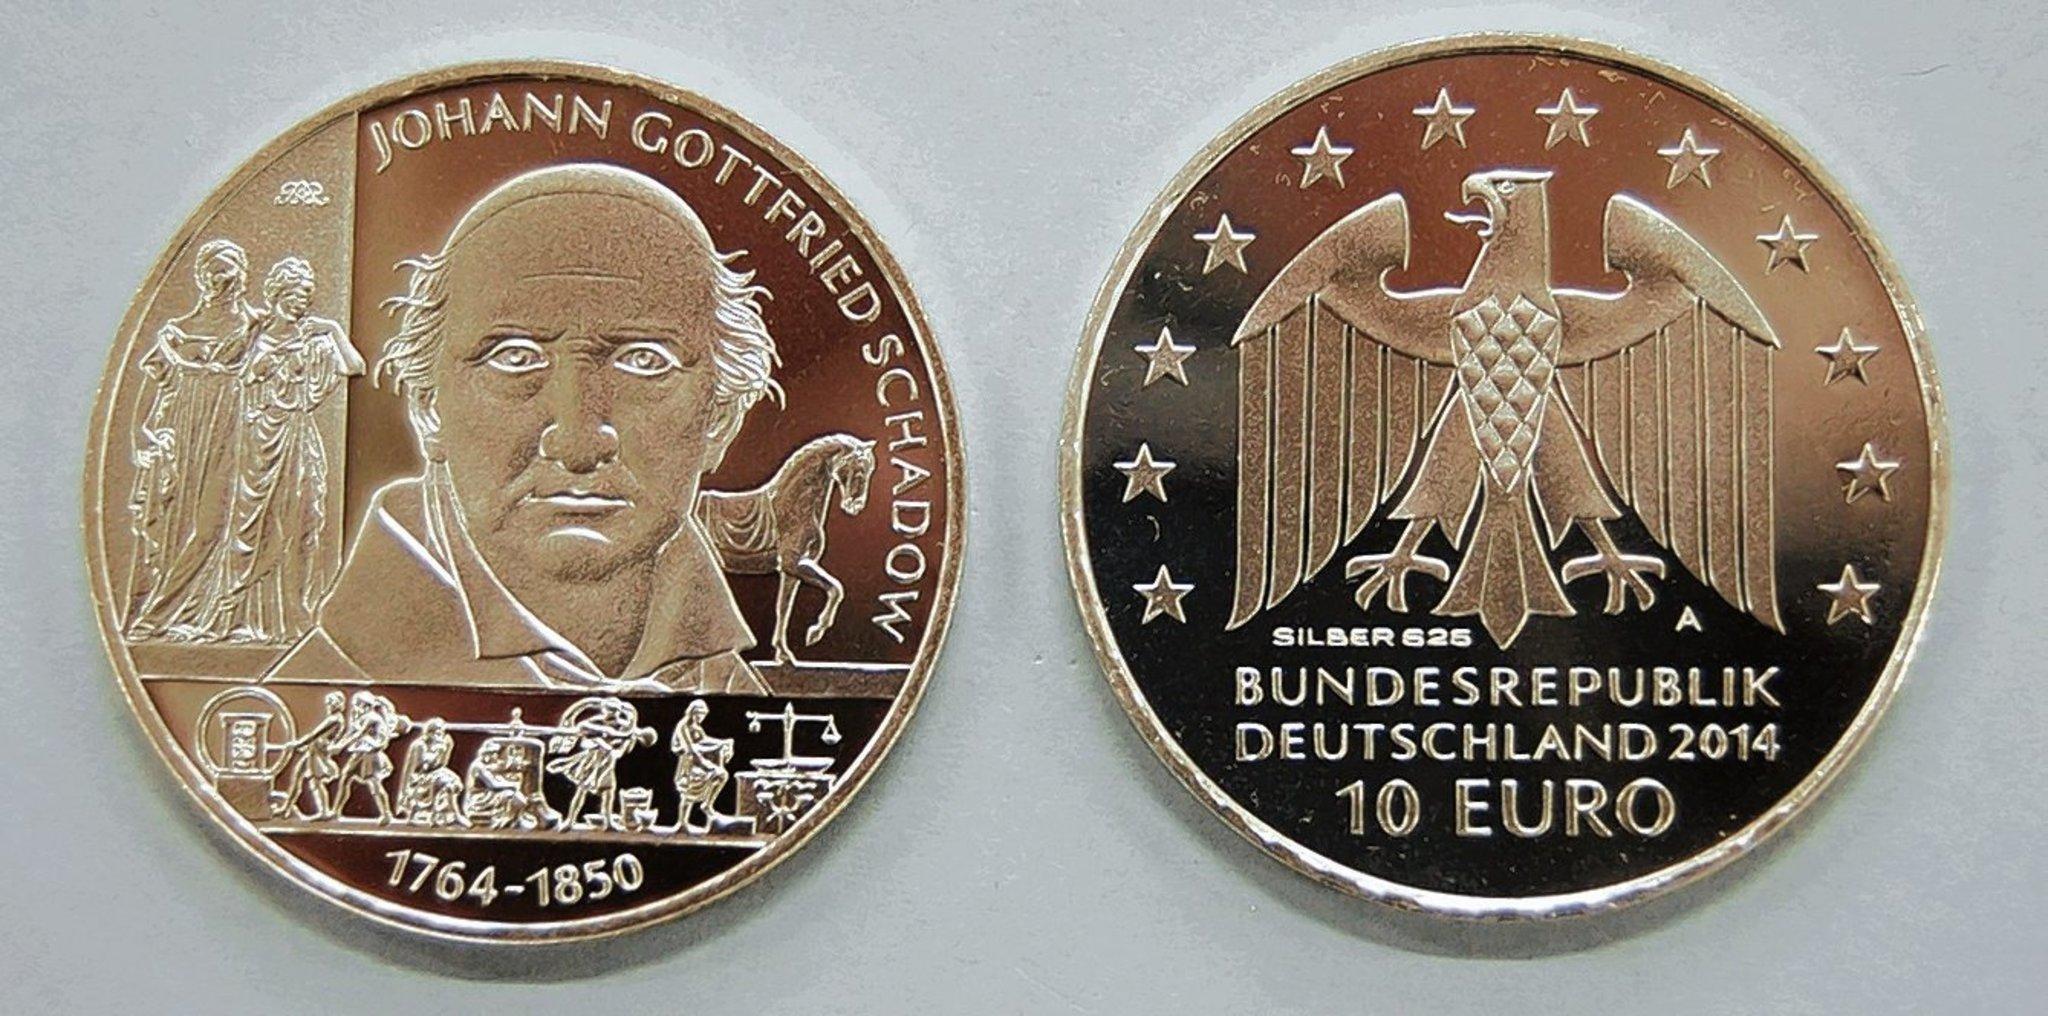 Neue Zehn Euro Münze Würdigt J G Schadow Reinickendorf